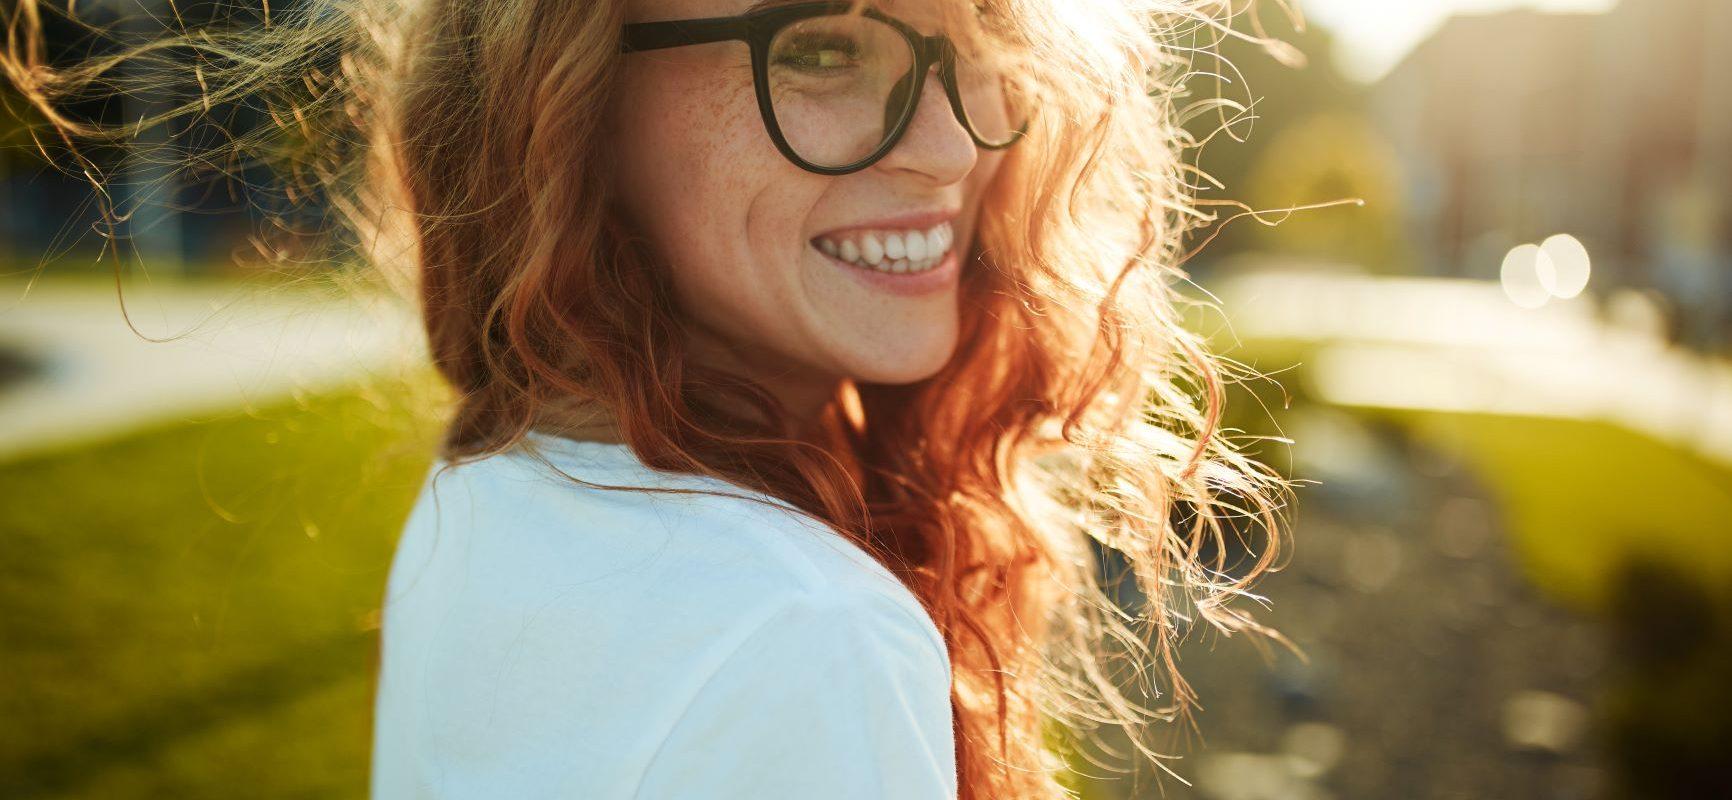 Czy optymizmu można się nauczyć? Uśmiechnięta rudowłosa dziewczyna w okularach z czarnymi rogowymi oprawkami uśmiecha się do obiektywu.